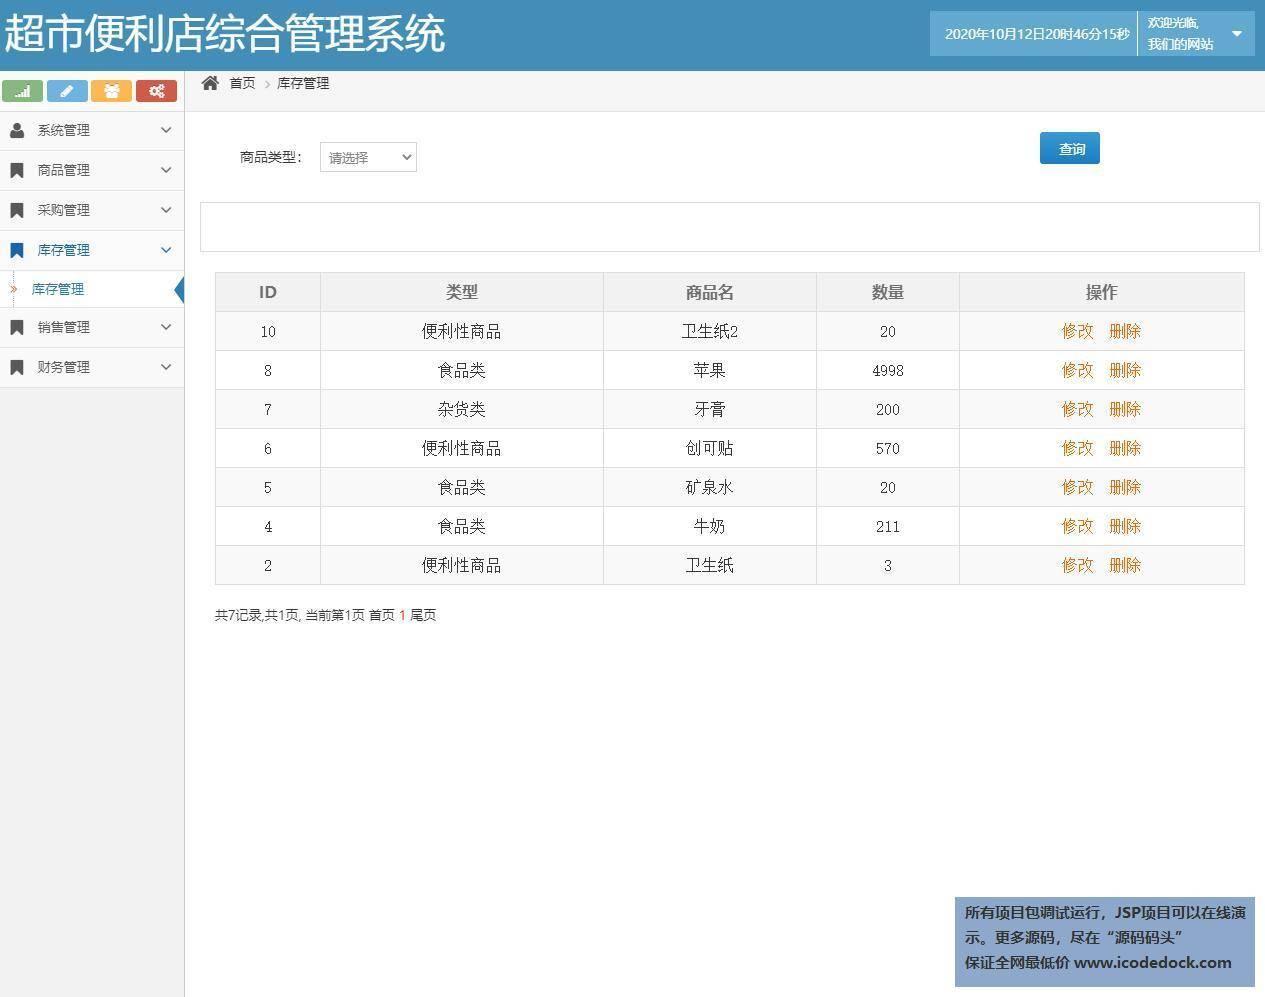 源码码头-SSH超市便利店综合管理系统-管理员角色-库存管理